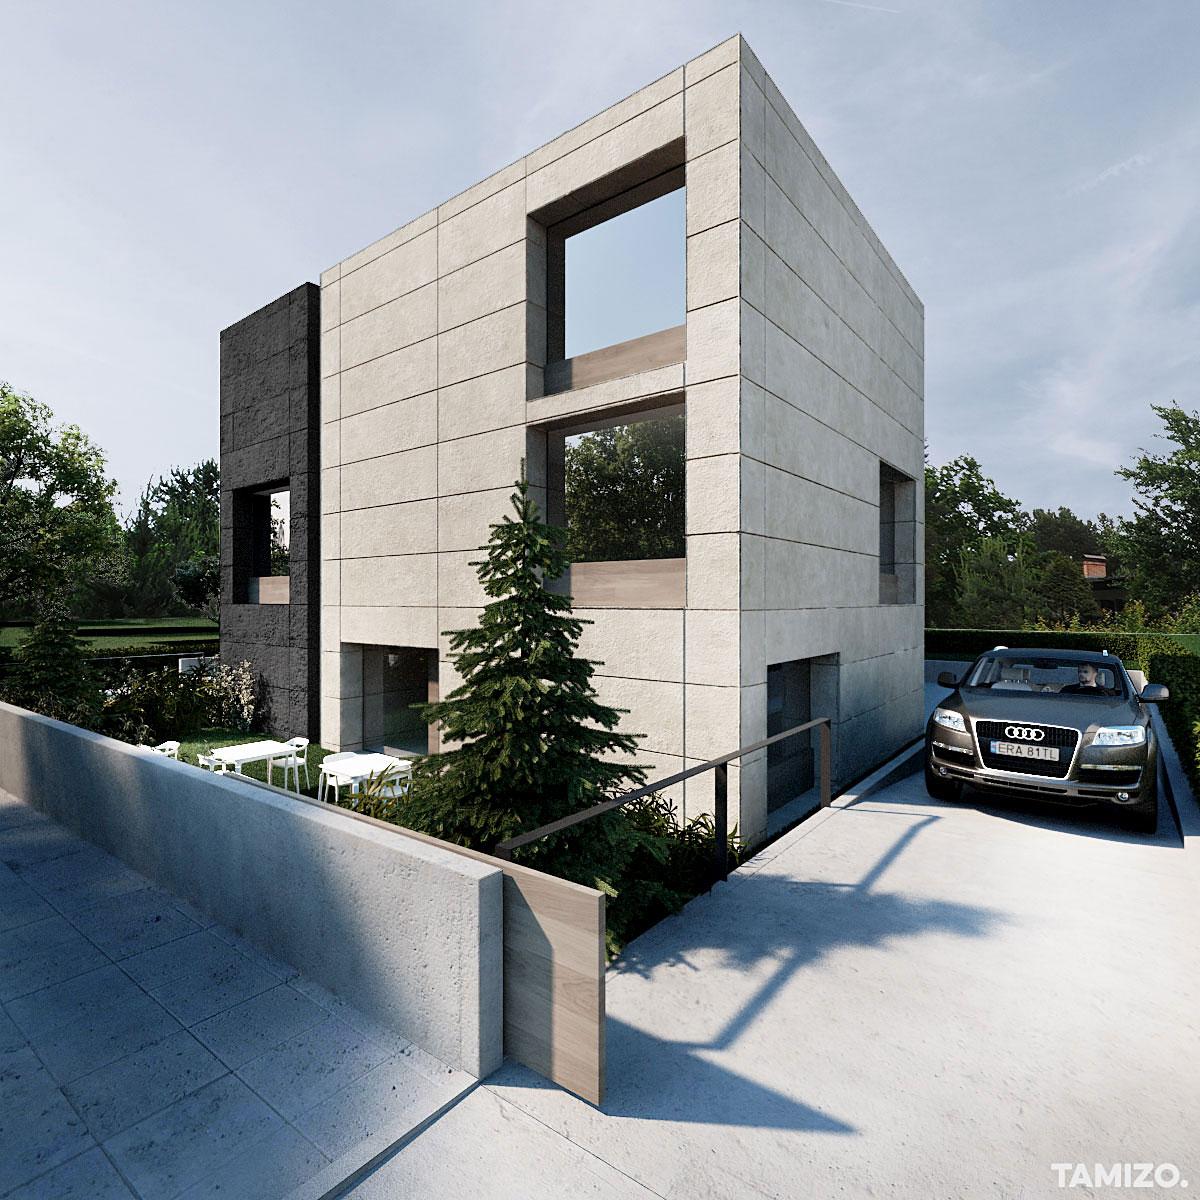 A041_tamizo_architekci_projekt_rozbudowa_kostki_trzy_budynek_biurowy_maly_09